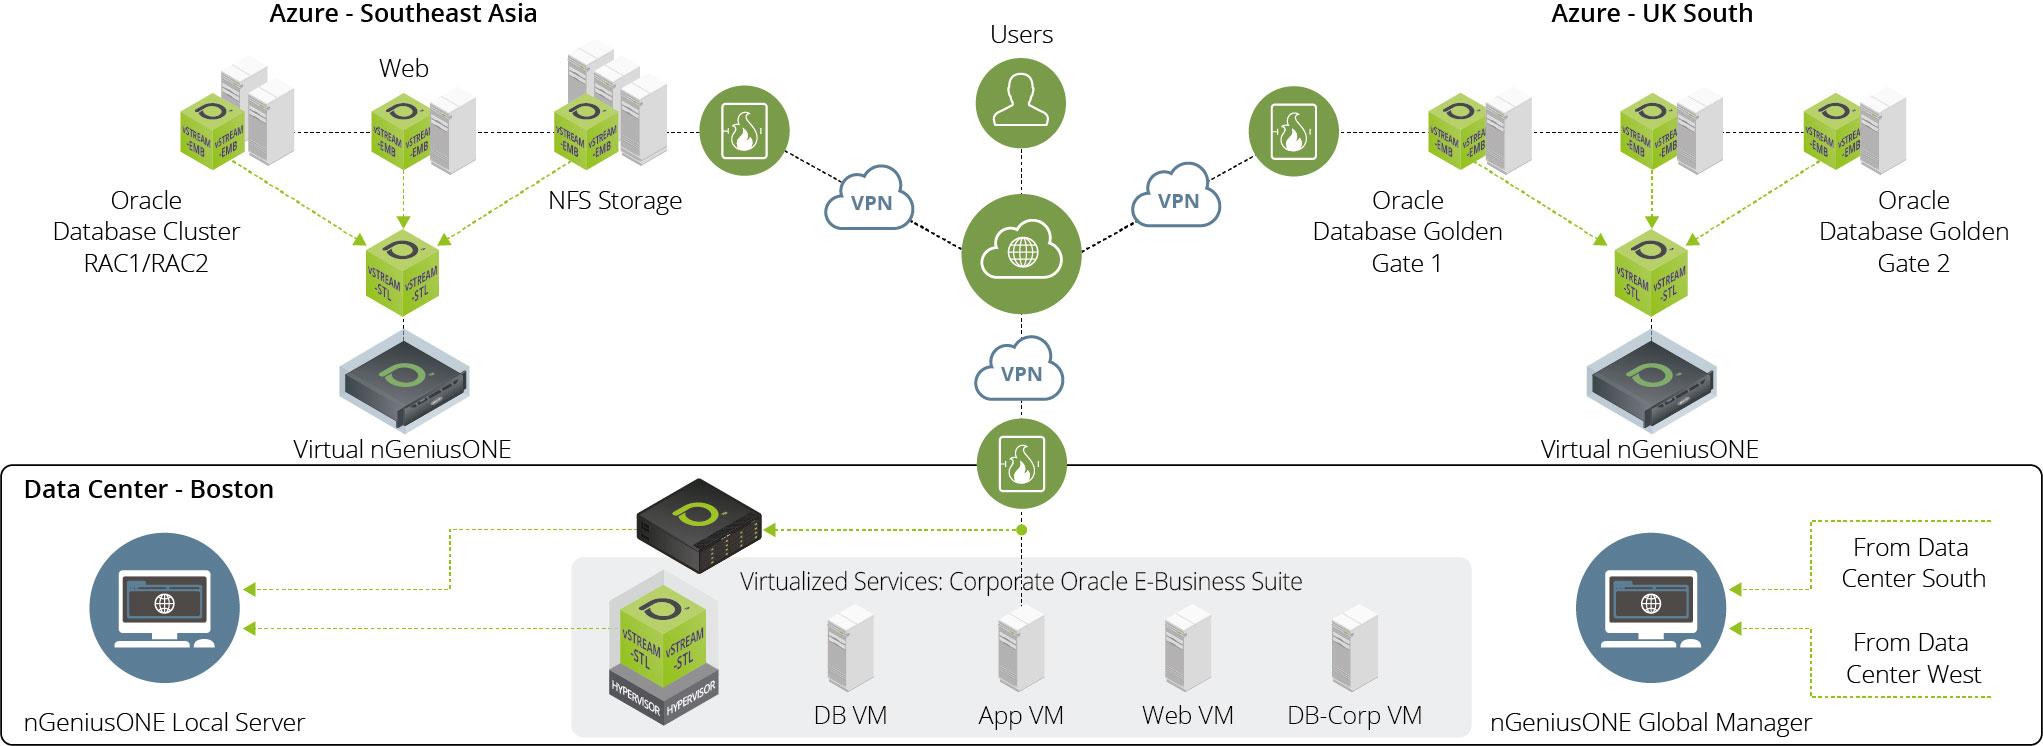 Azure IP Diagram